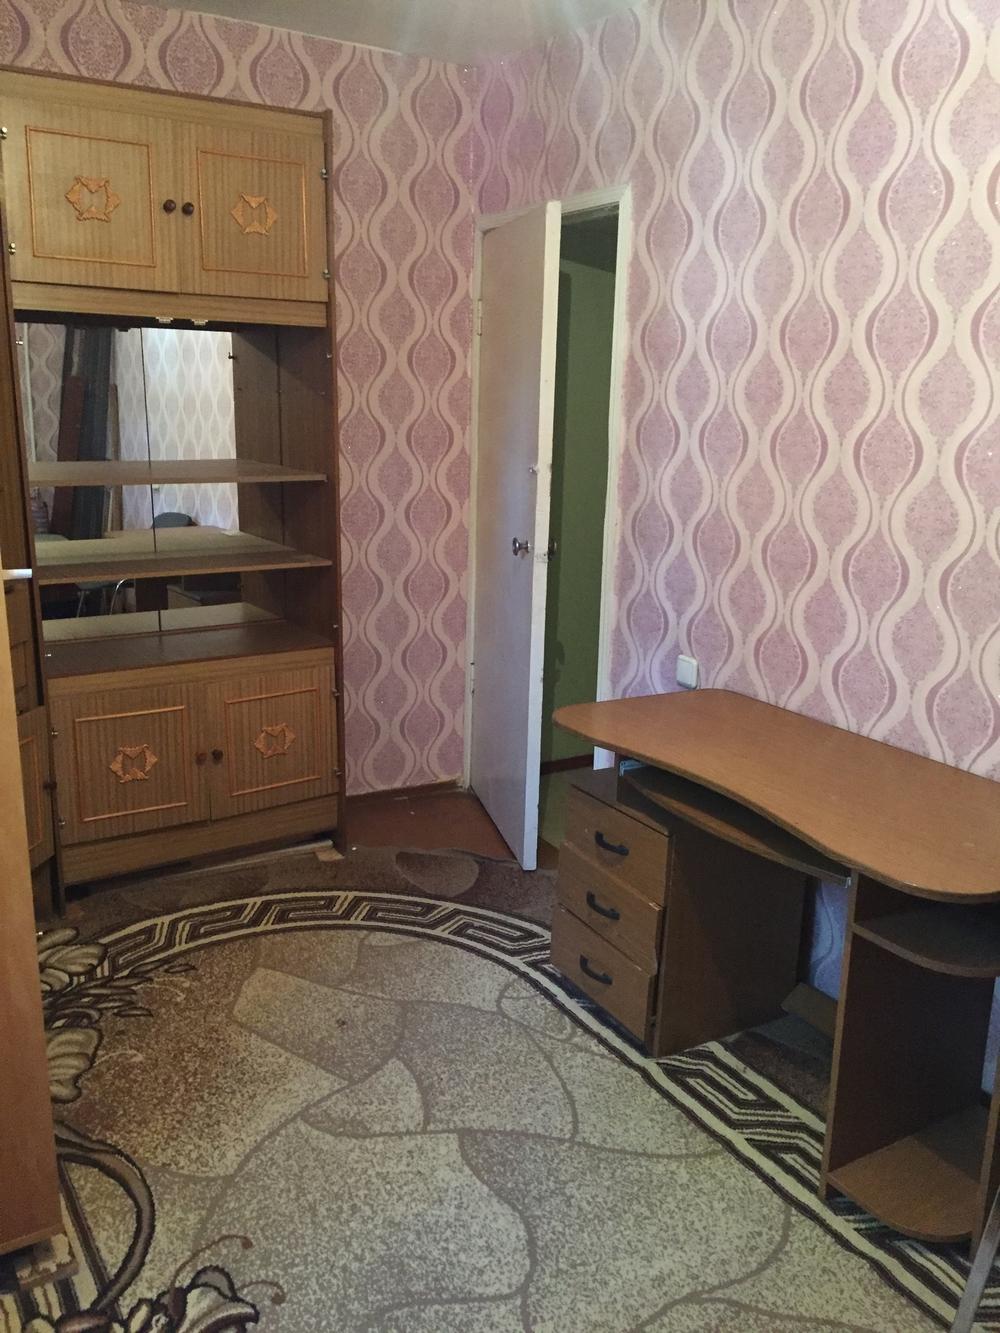 Продам 3-комнатную квартиру в городе Саратов, на улице Большая Садовая, 98, 2-этаж 5-этажного Кирпич дома, площадь: 52/35/6 м2